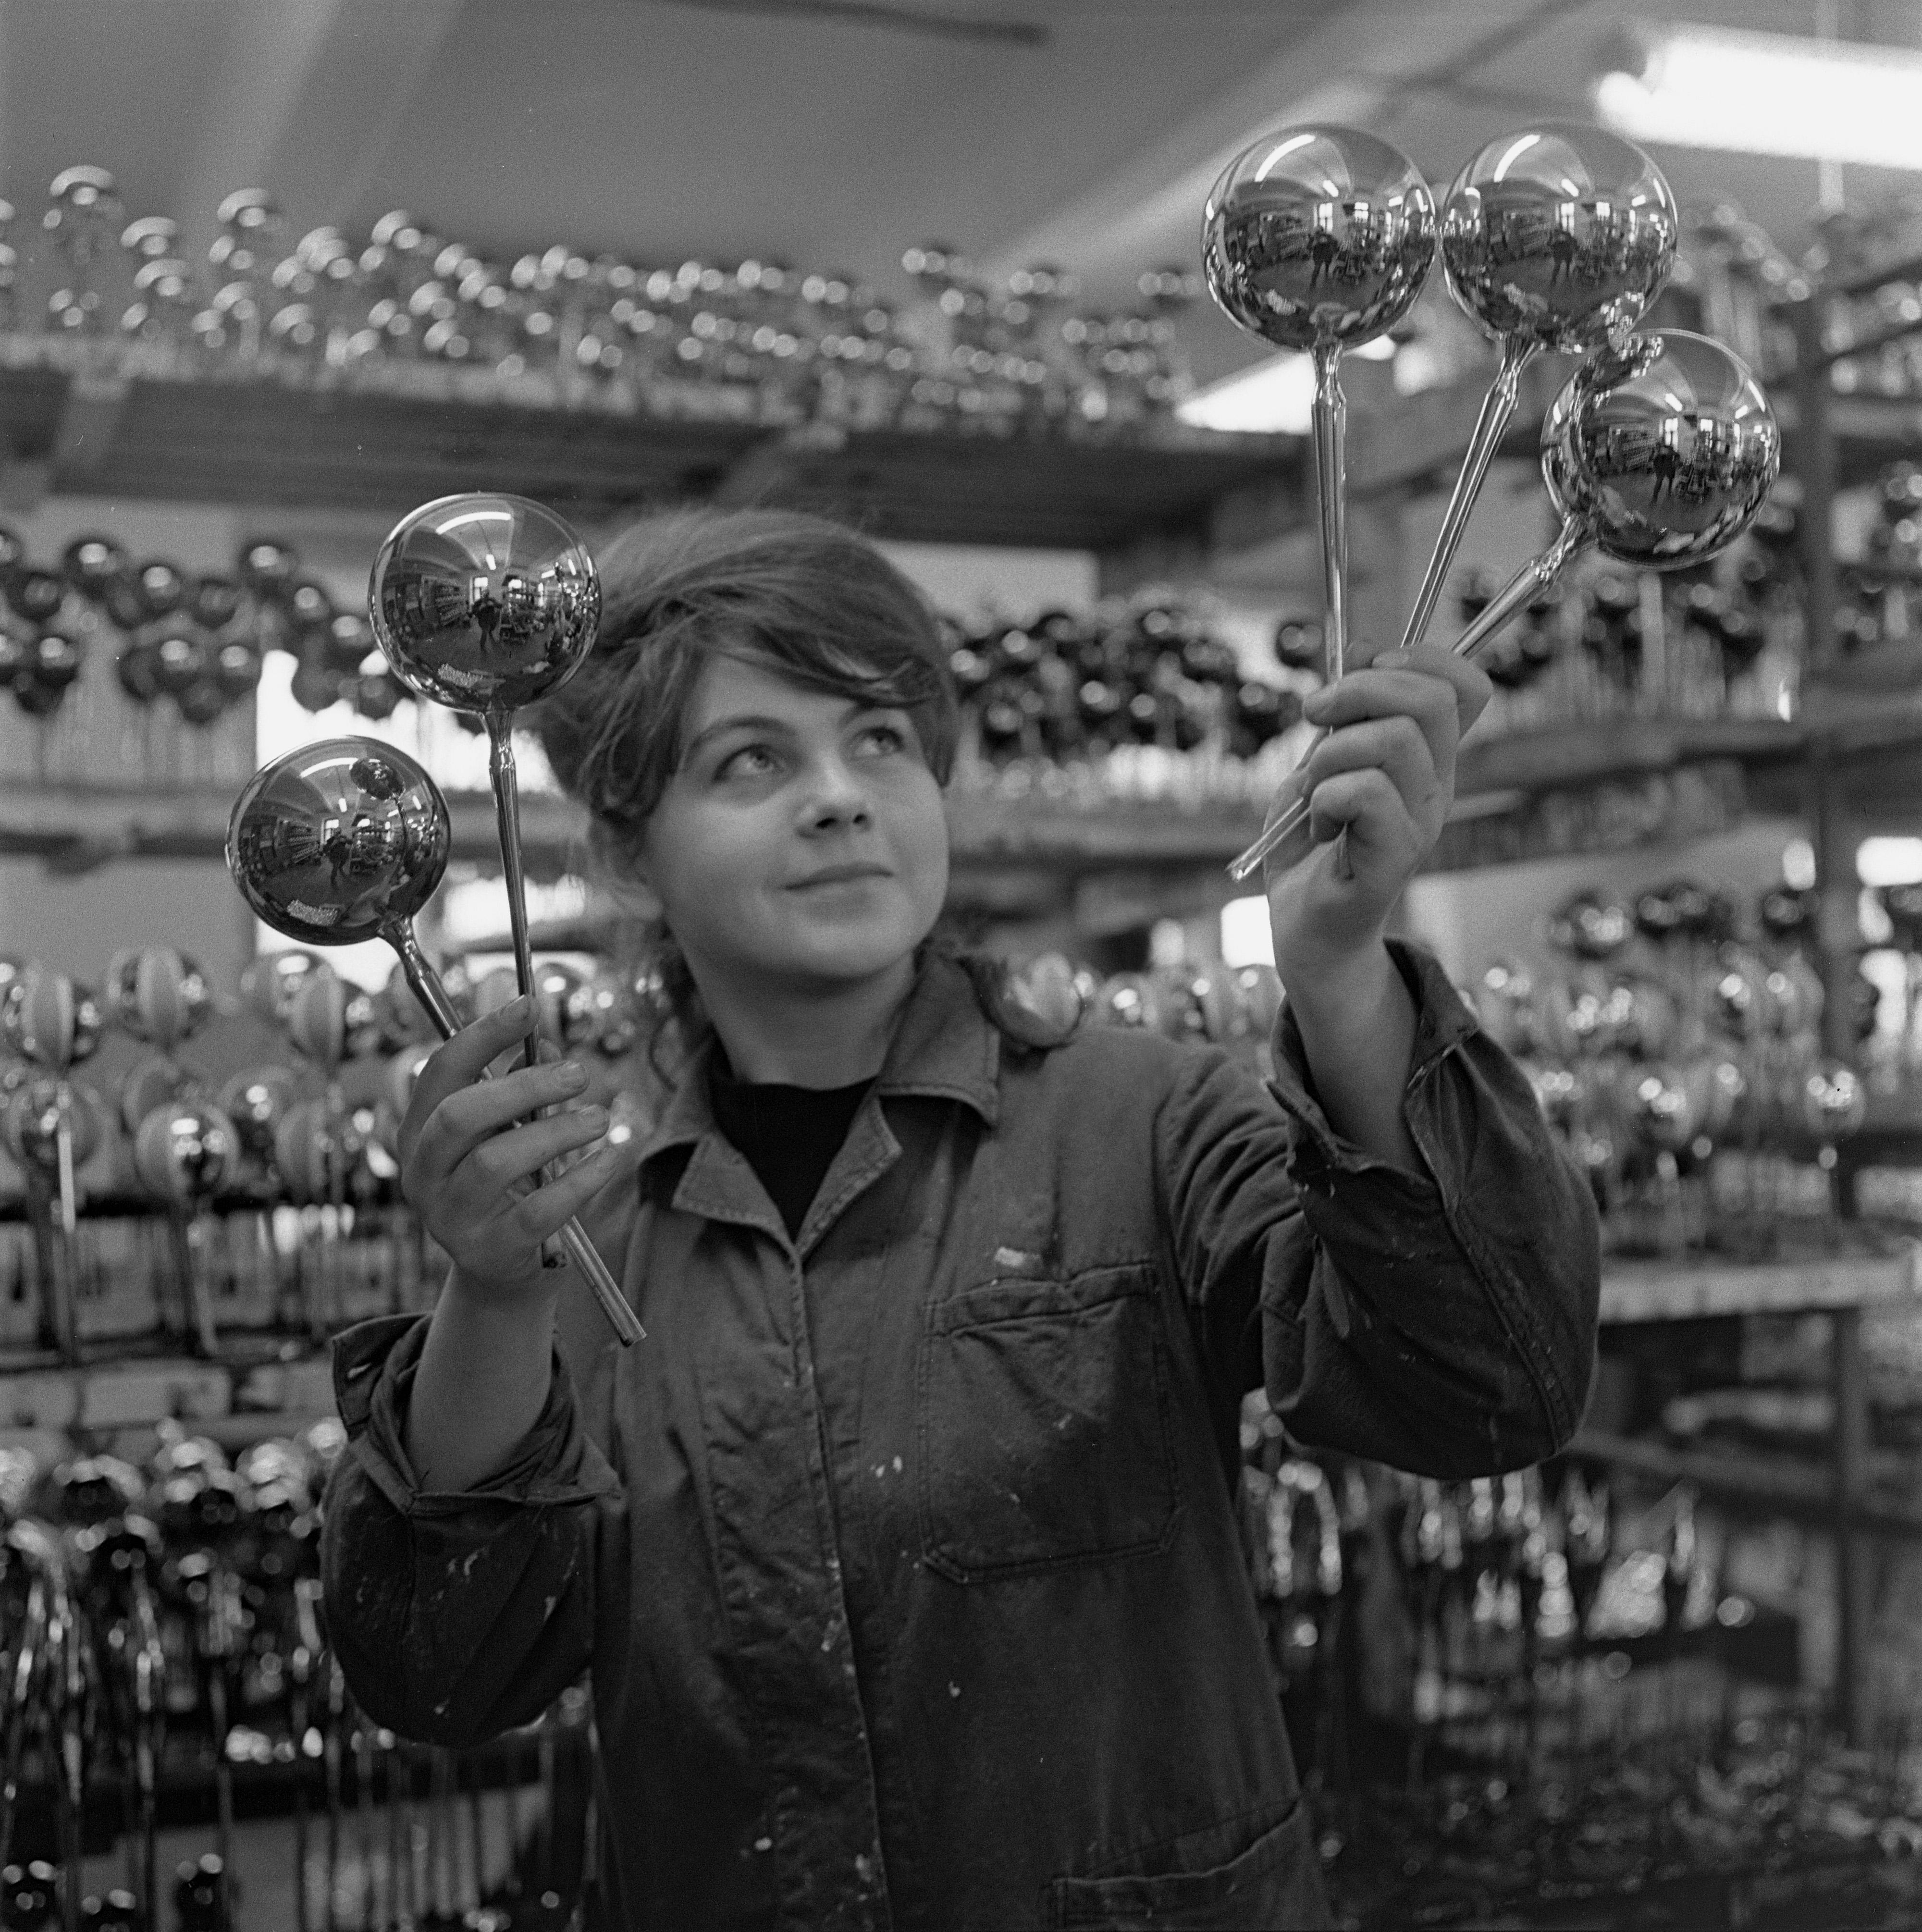 Na archívnej snímke zo 17. novembra 1966 robotníčka Anna Rajská zo závodu Červený most v Bratislave.